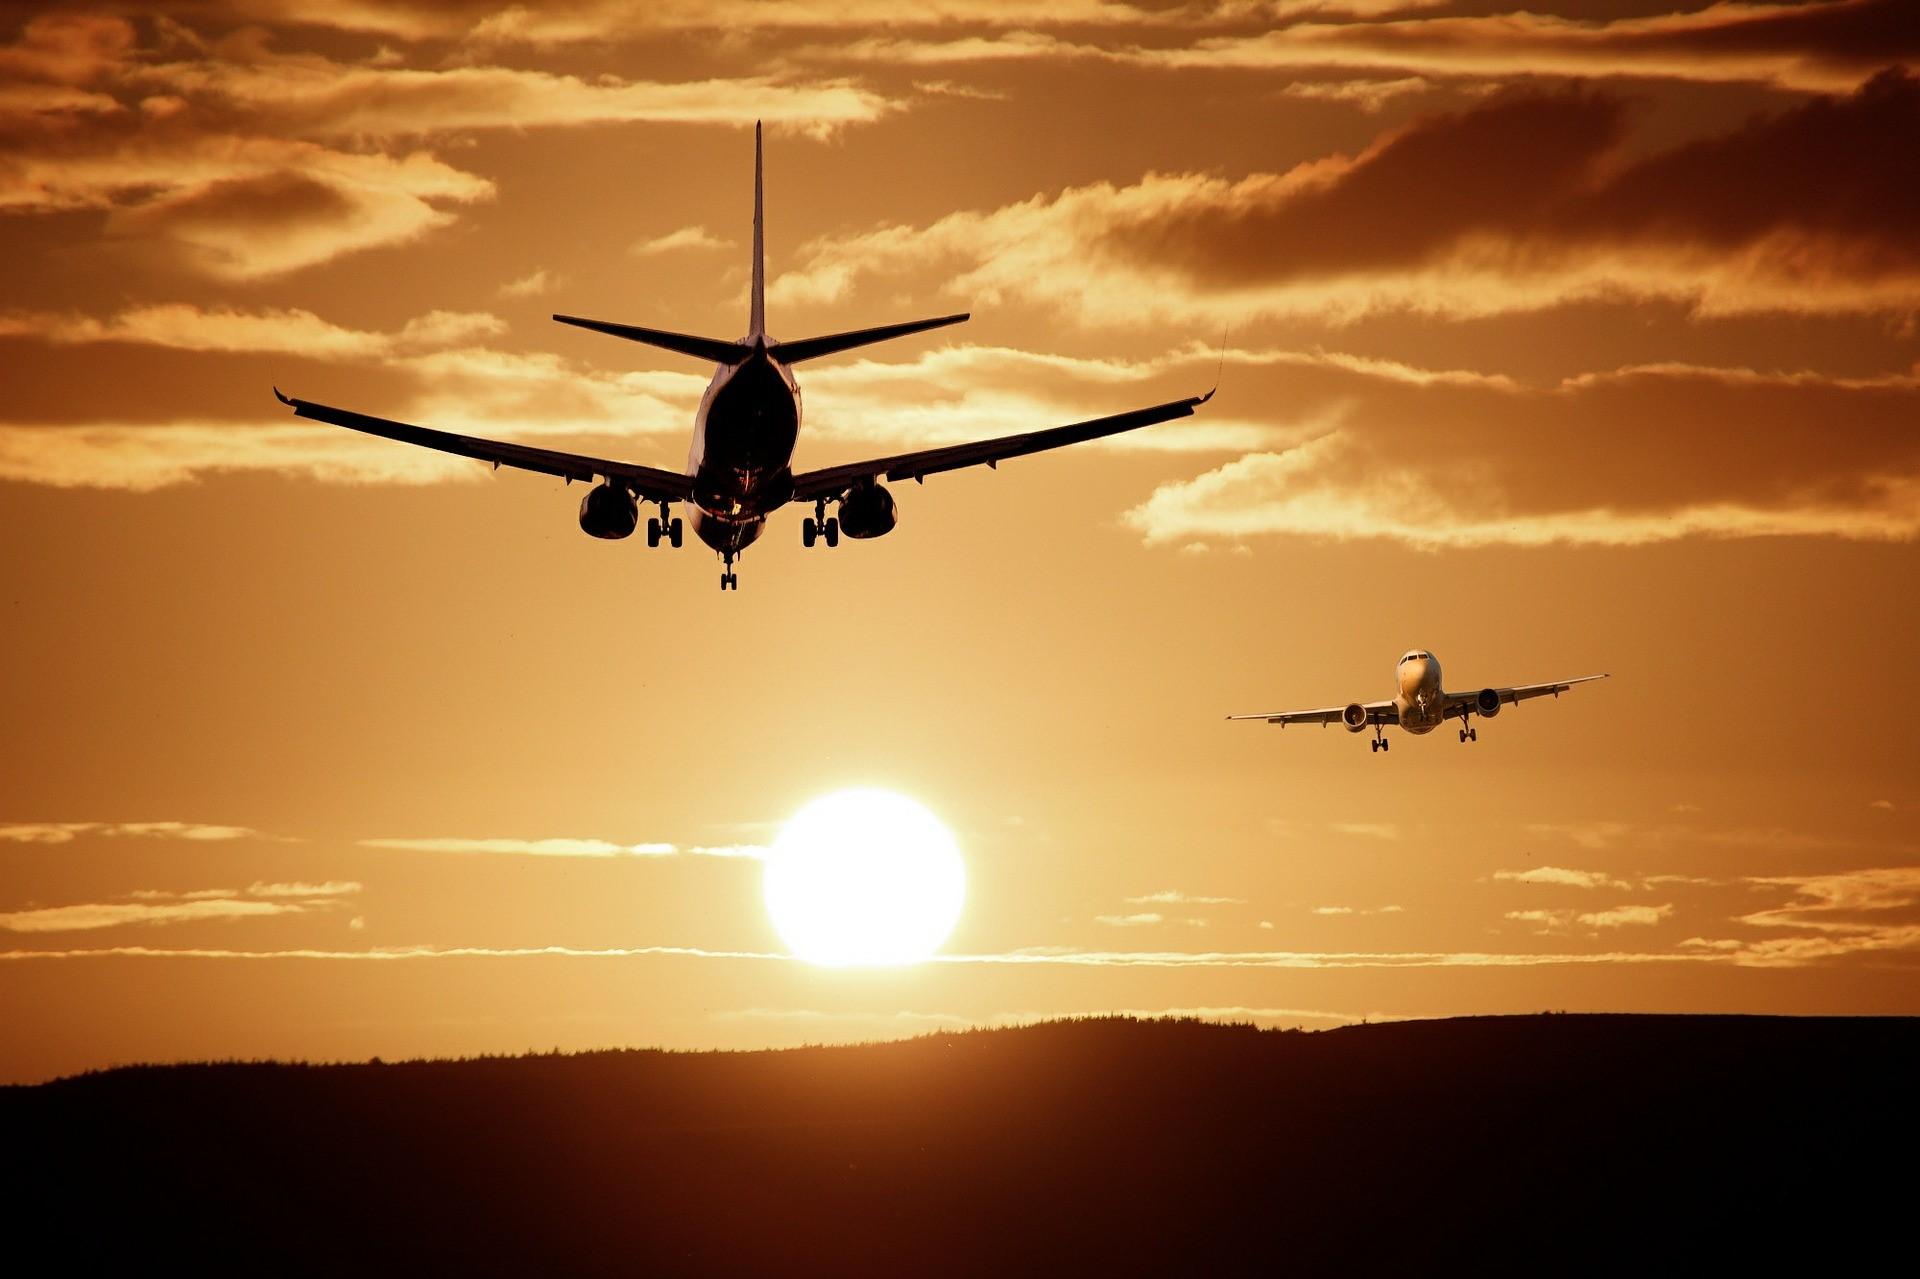 千葉に飛行機で行くには、成田空港が便利